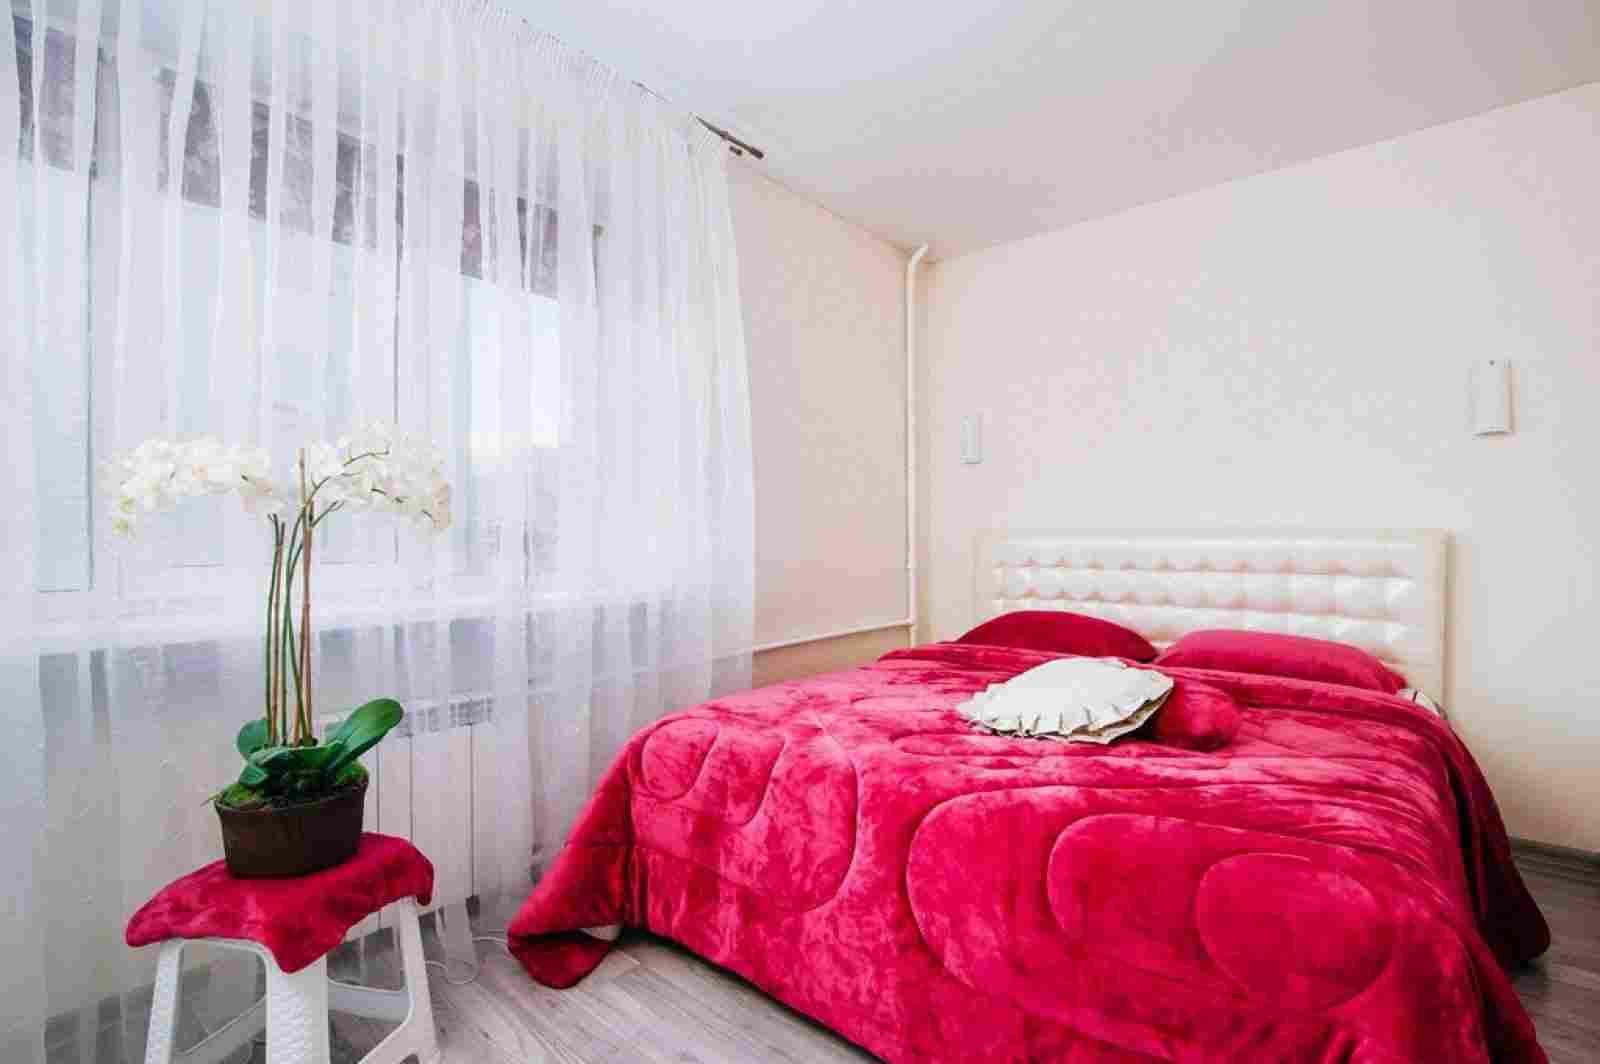 2-комнатная квартира класса люкс на сутки и часы  в центре Минска. Фото